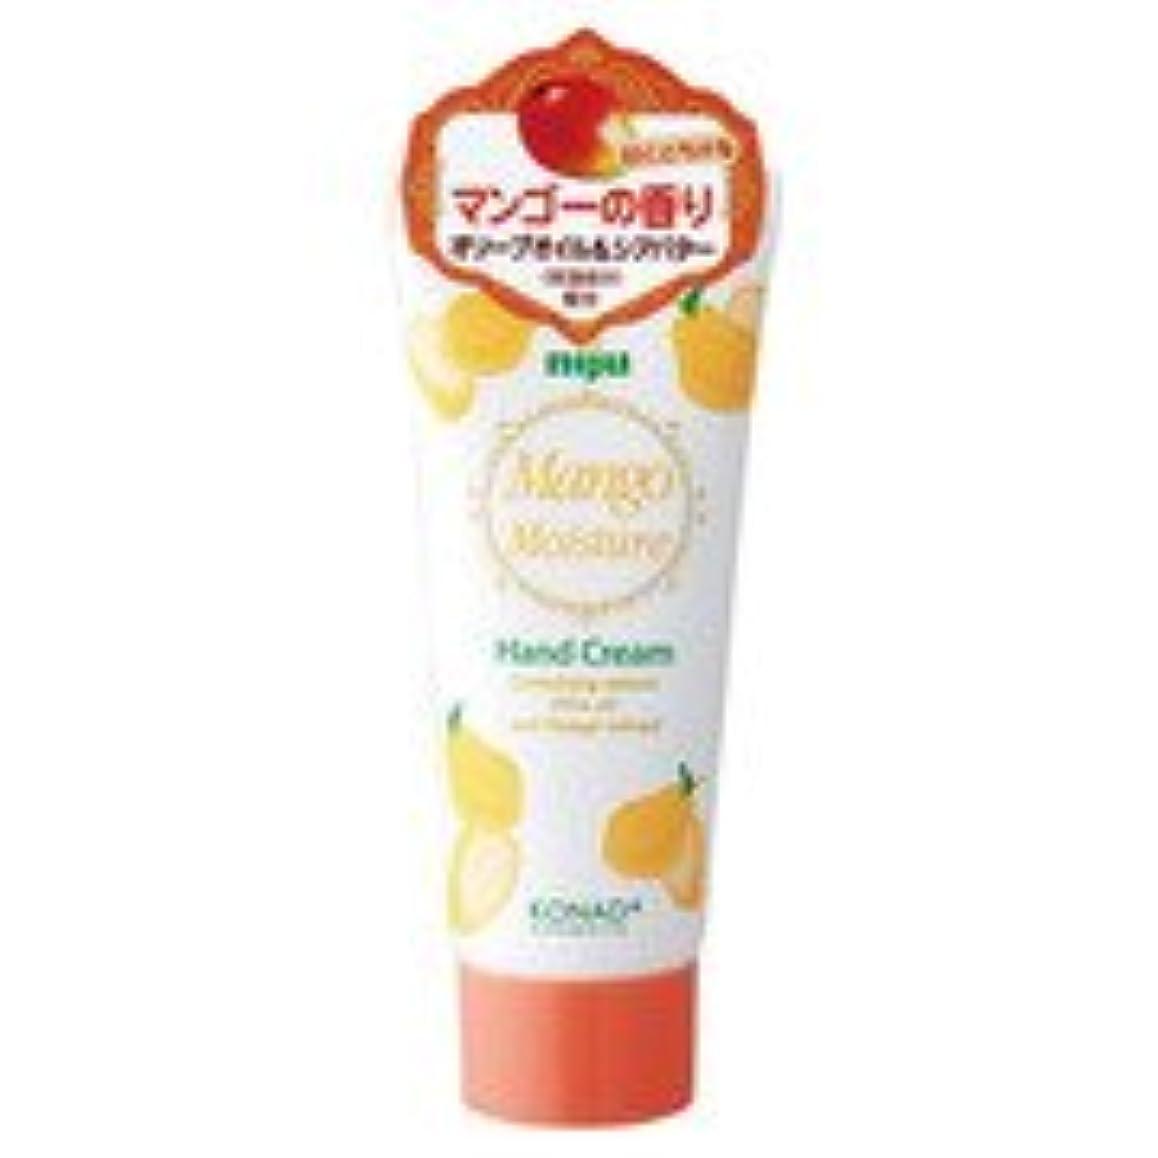 一掃する登録乱暴なniju(ニジュウ) モイスチャーハンドクリーム マンゴーの香り 60ml